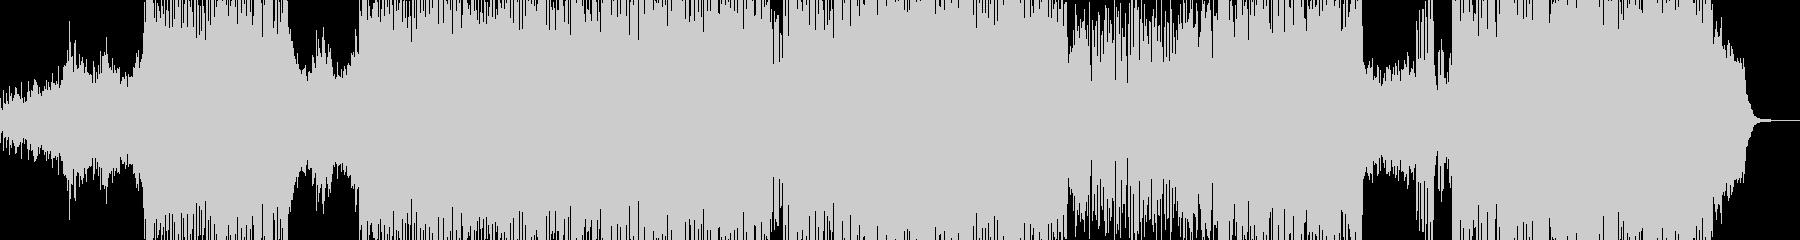 雪の草原をイメージしたドラムんベースの未再生の波形